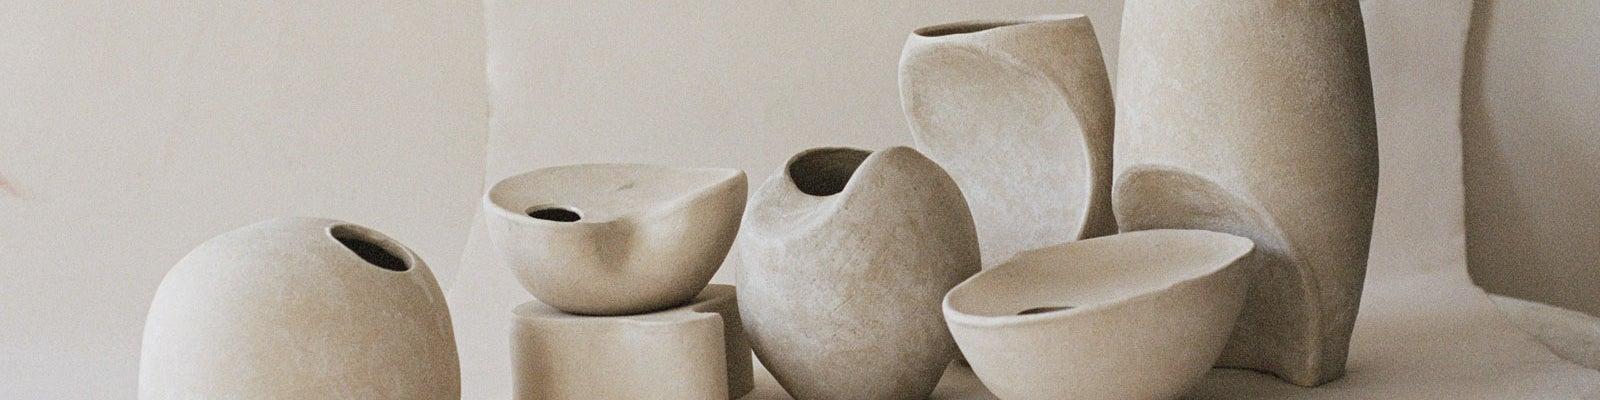 Bikis Ceramics